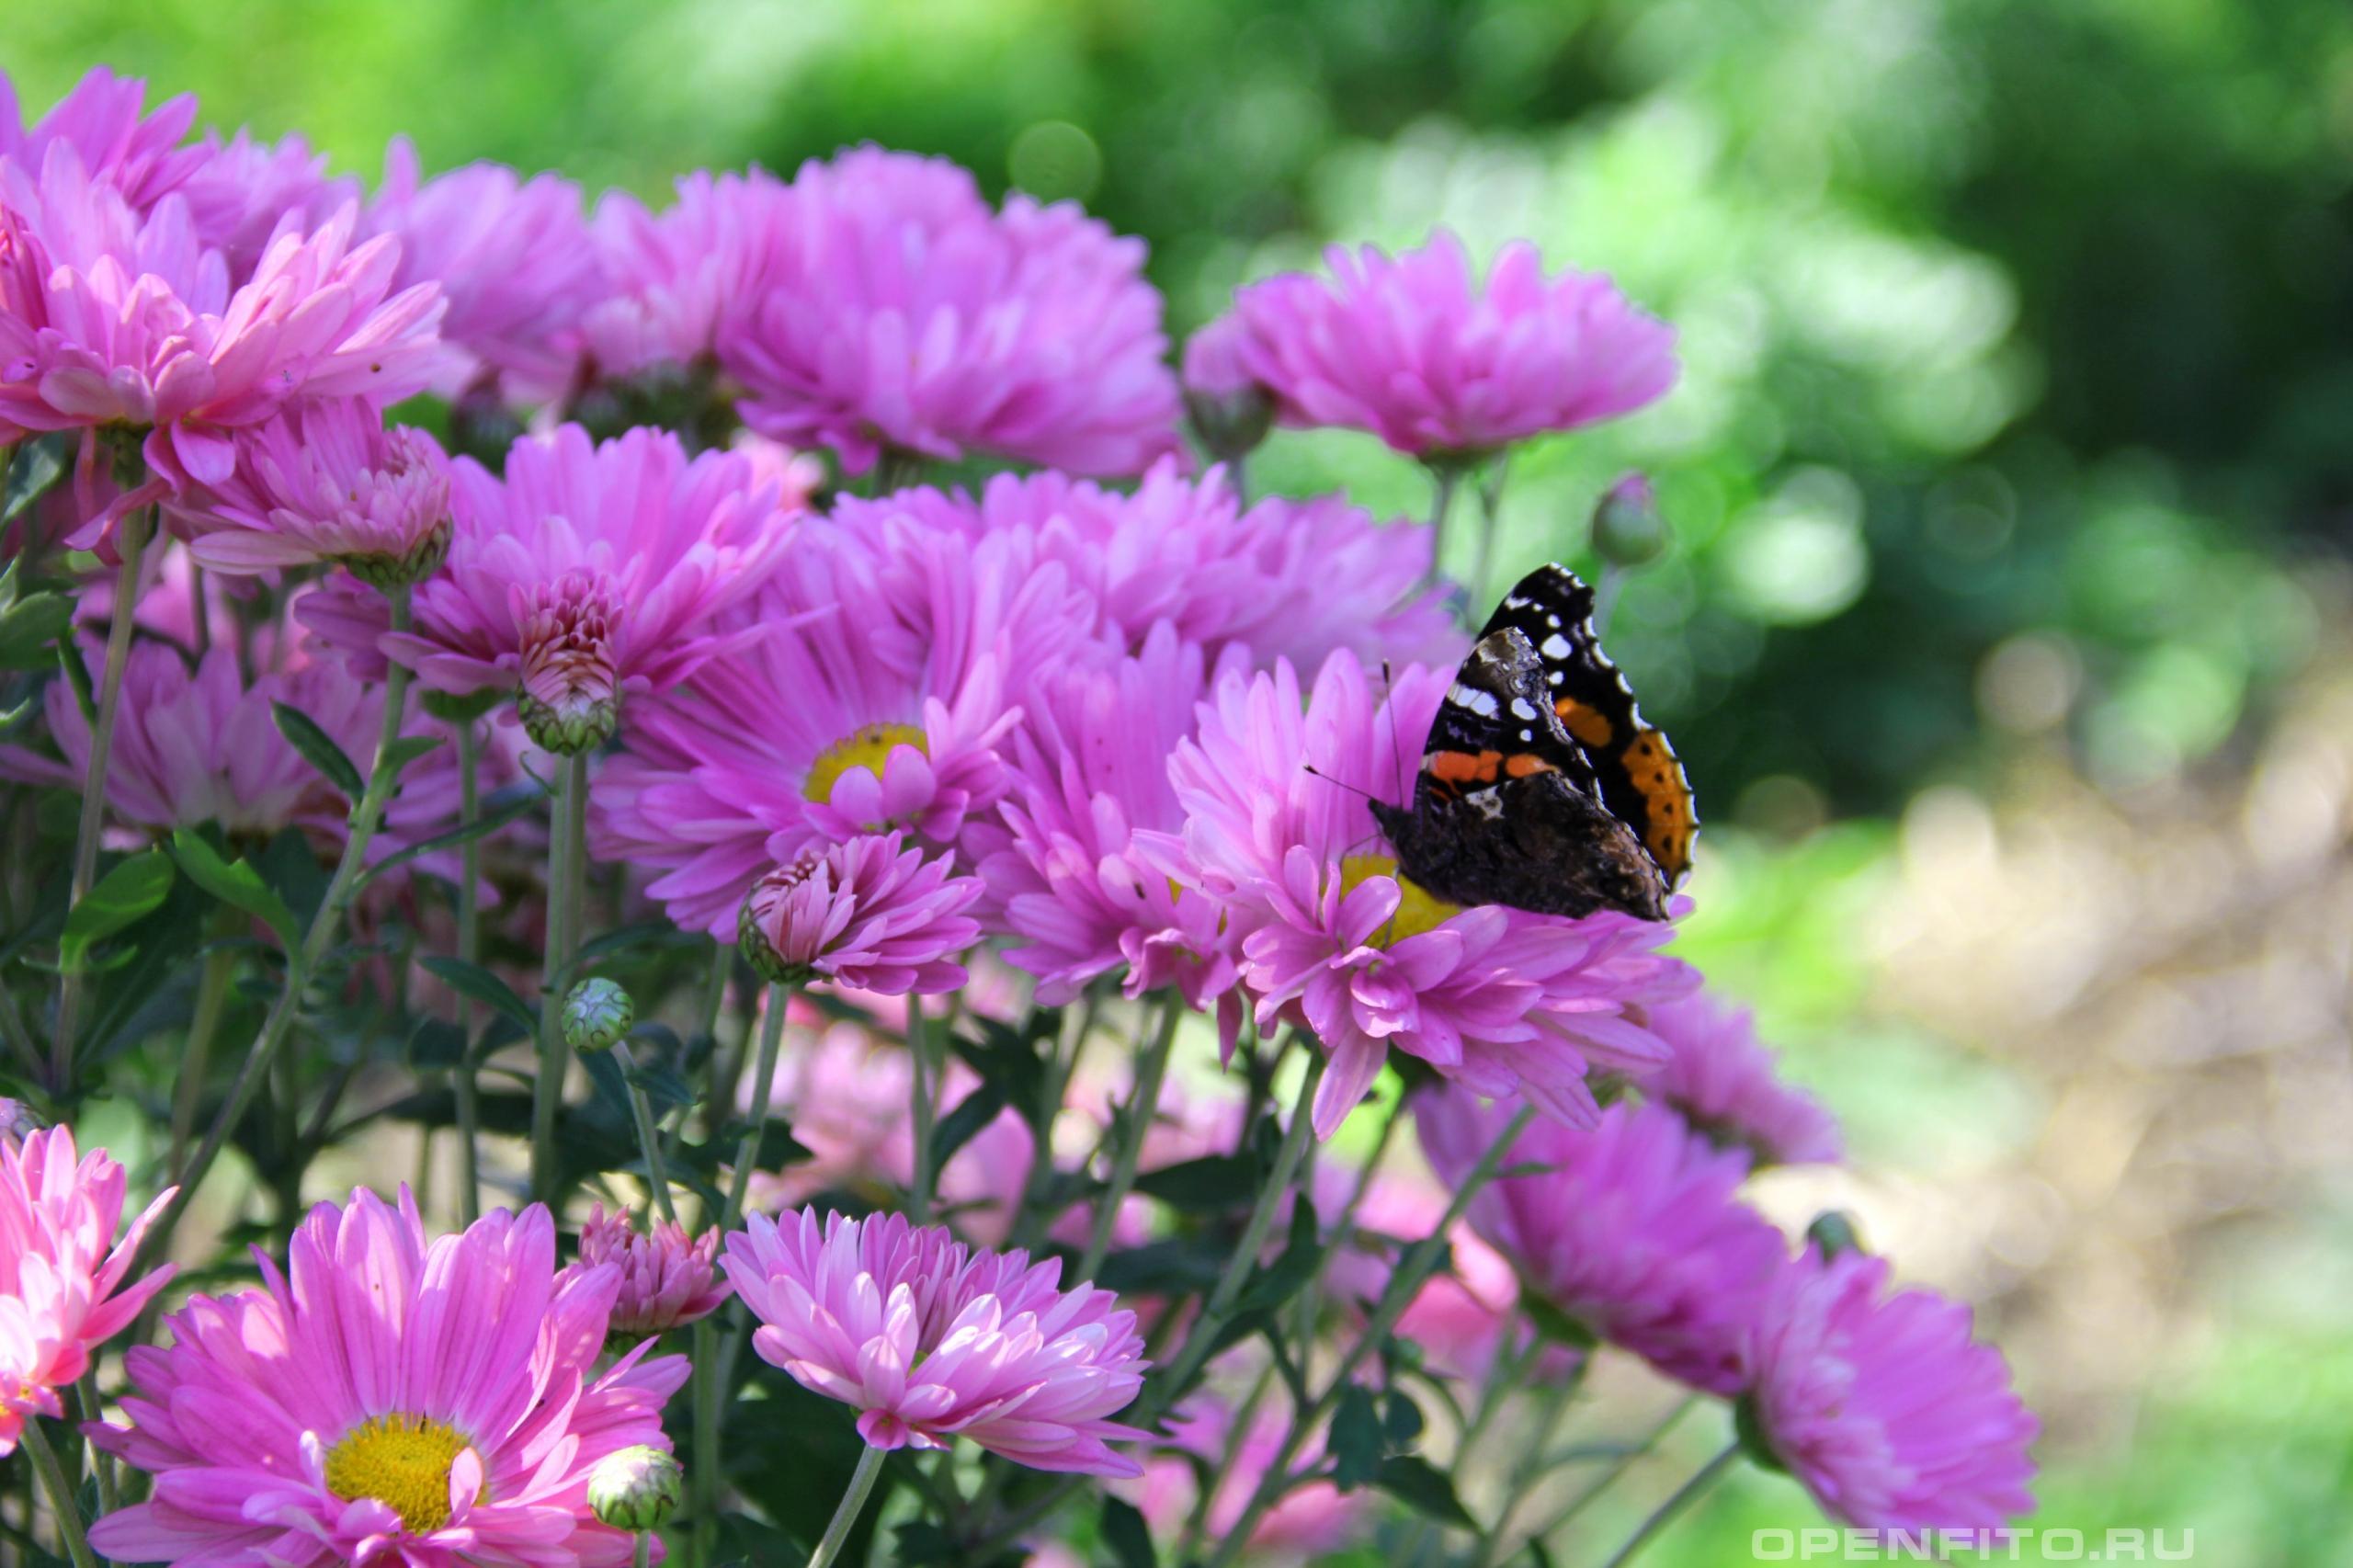 Хризантема индийская букет с бабочкой